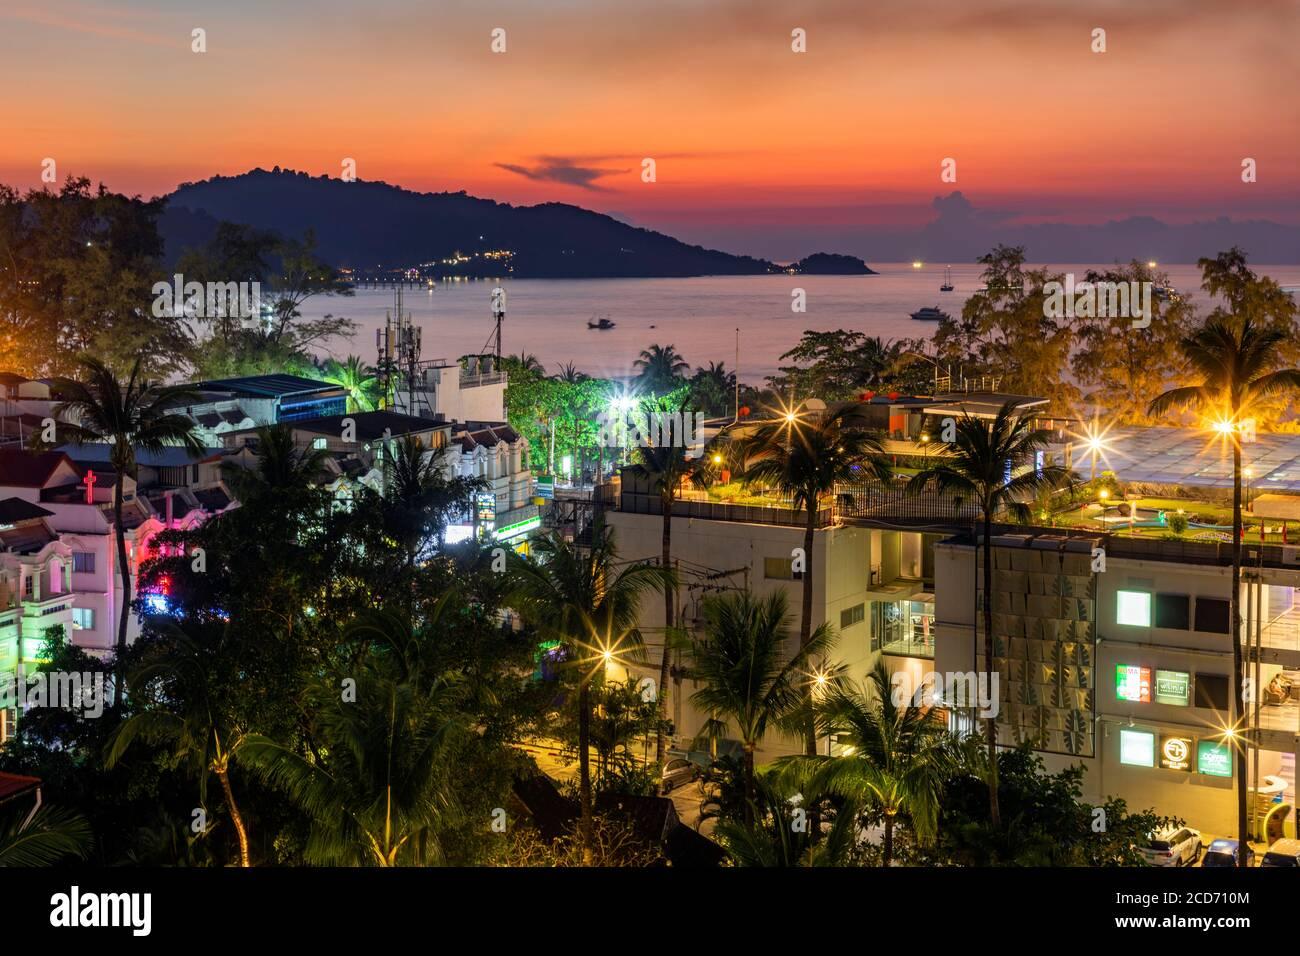 Sunset landscape, Patong, Phuket, Thailand Stock Photo